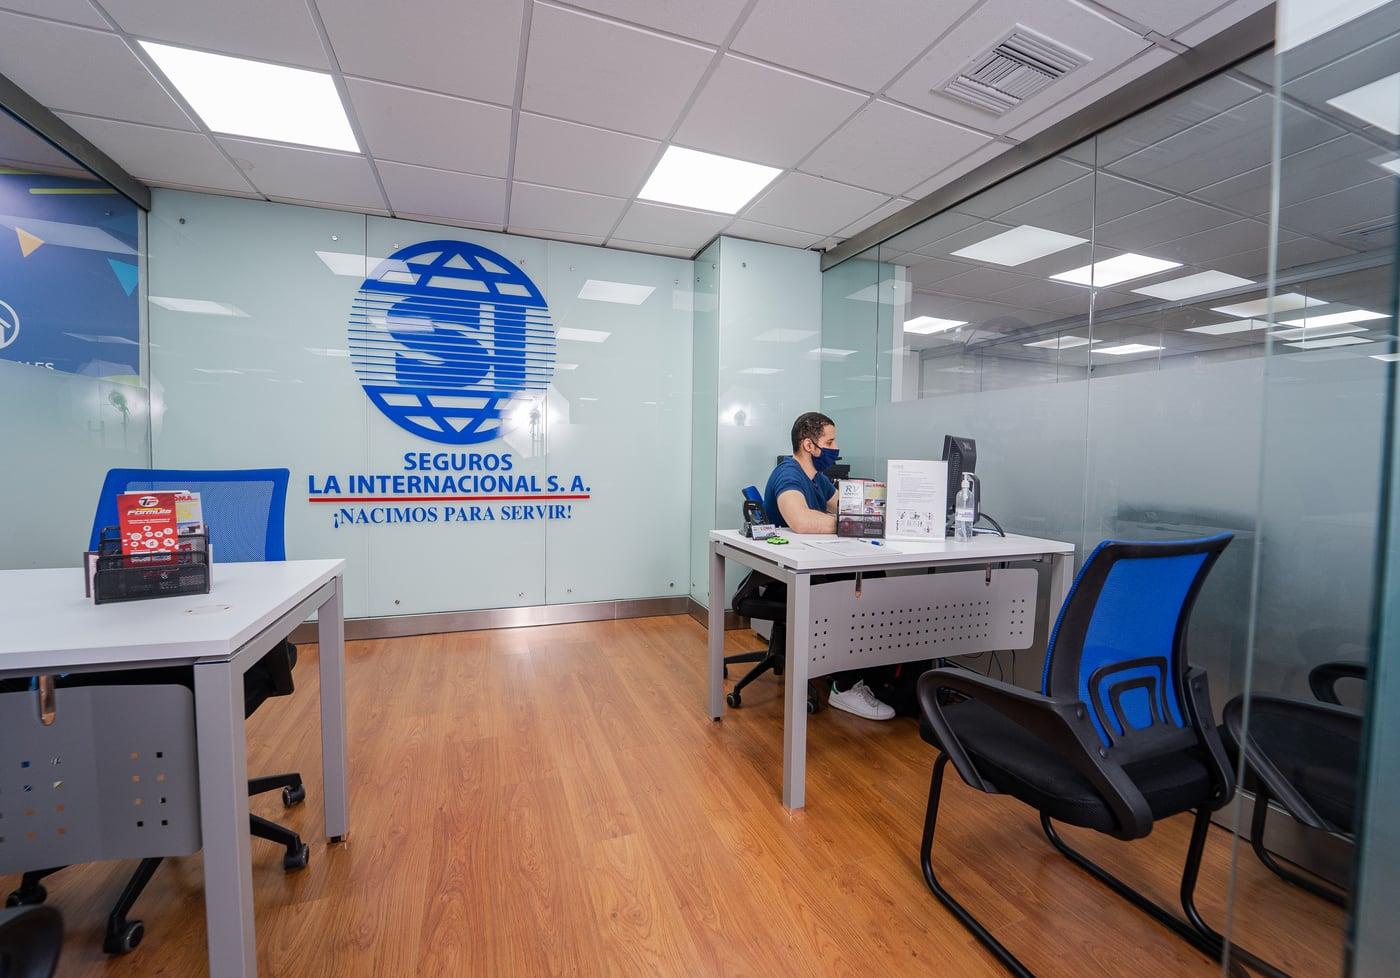 Foto de nuestras instalaciones | L49G3GKcma3NFq5394Slf7ivK